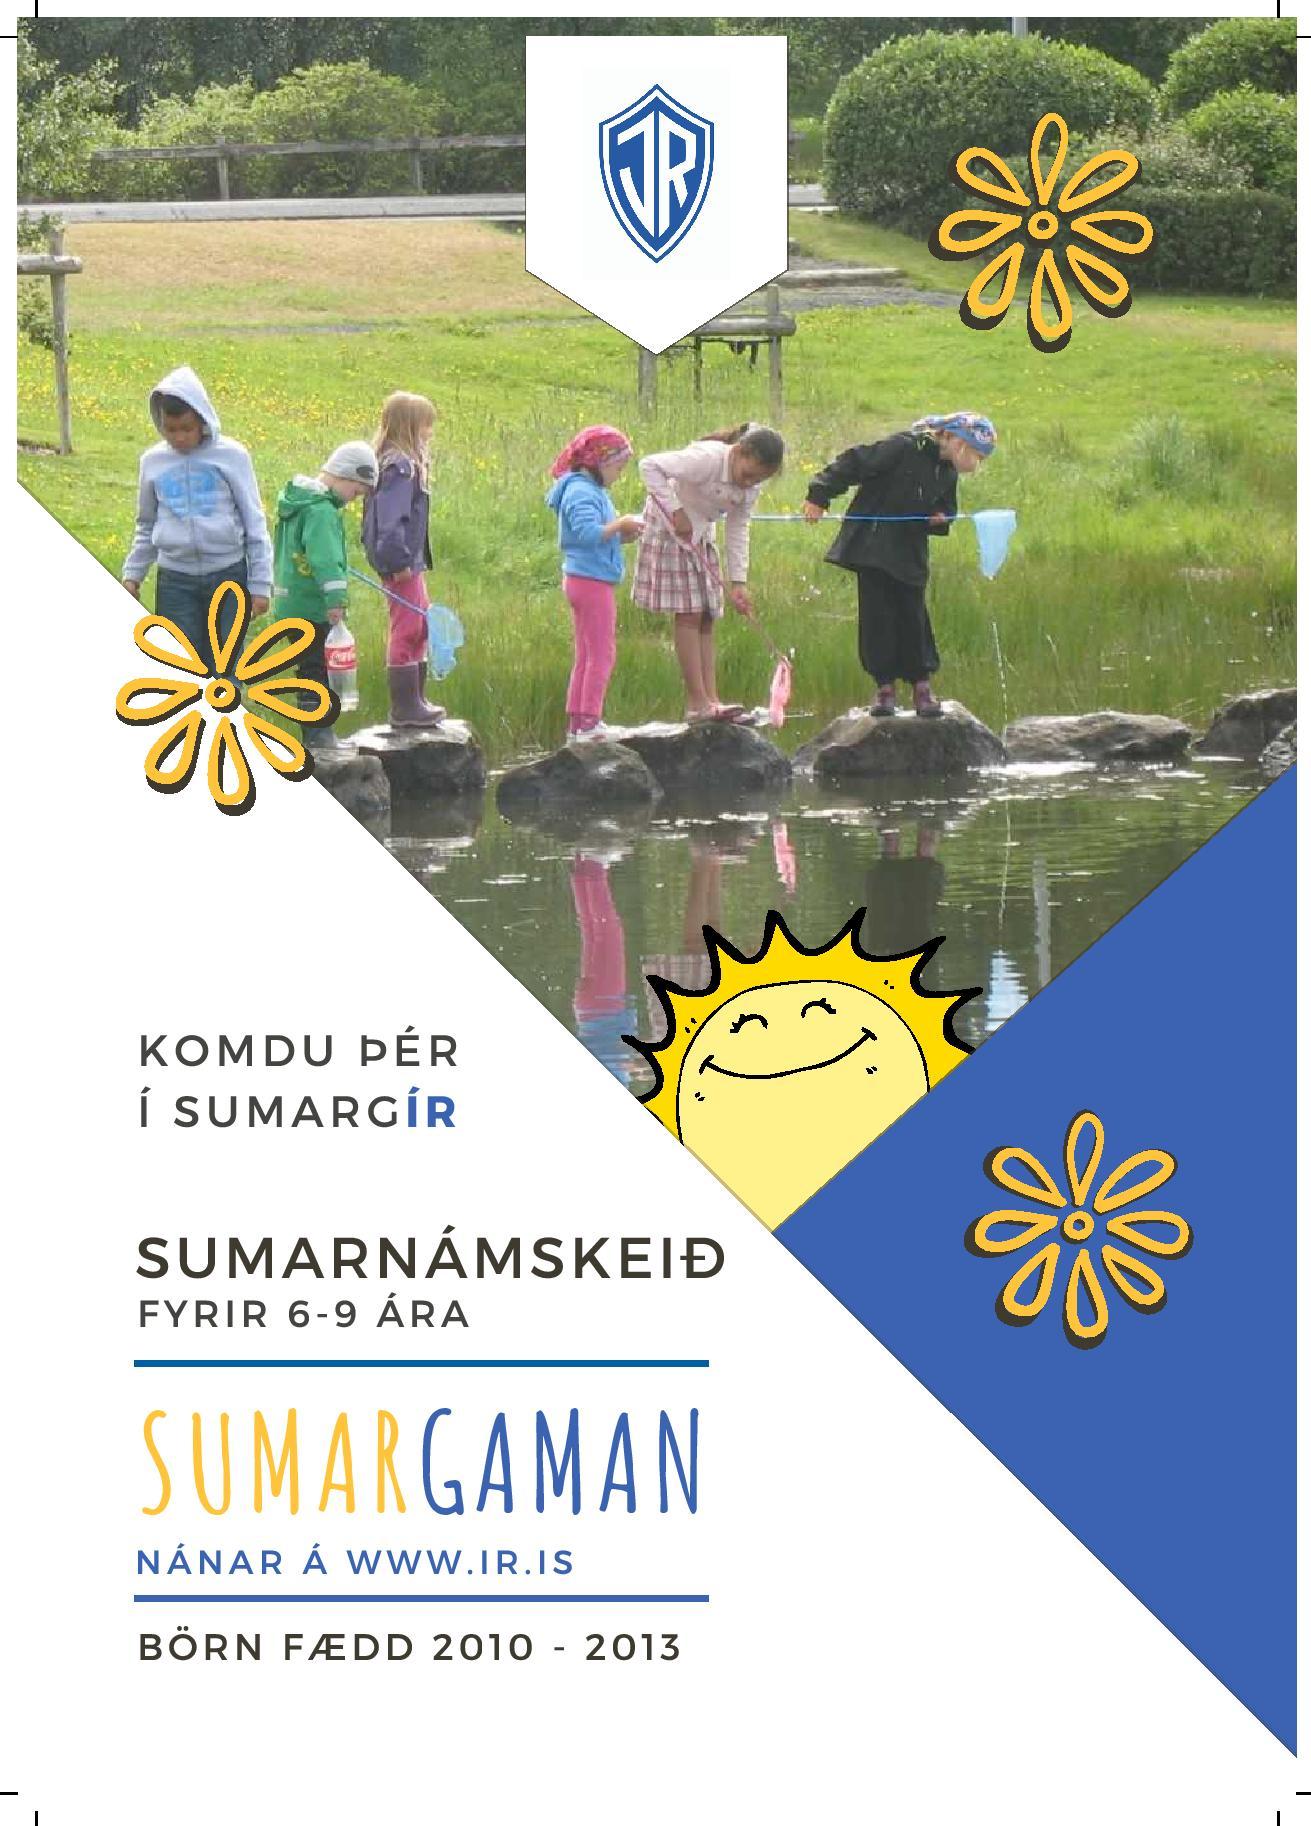 Komdu þér í sumargír: Sumargaman ÍR 2019 graphic